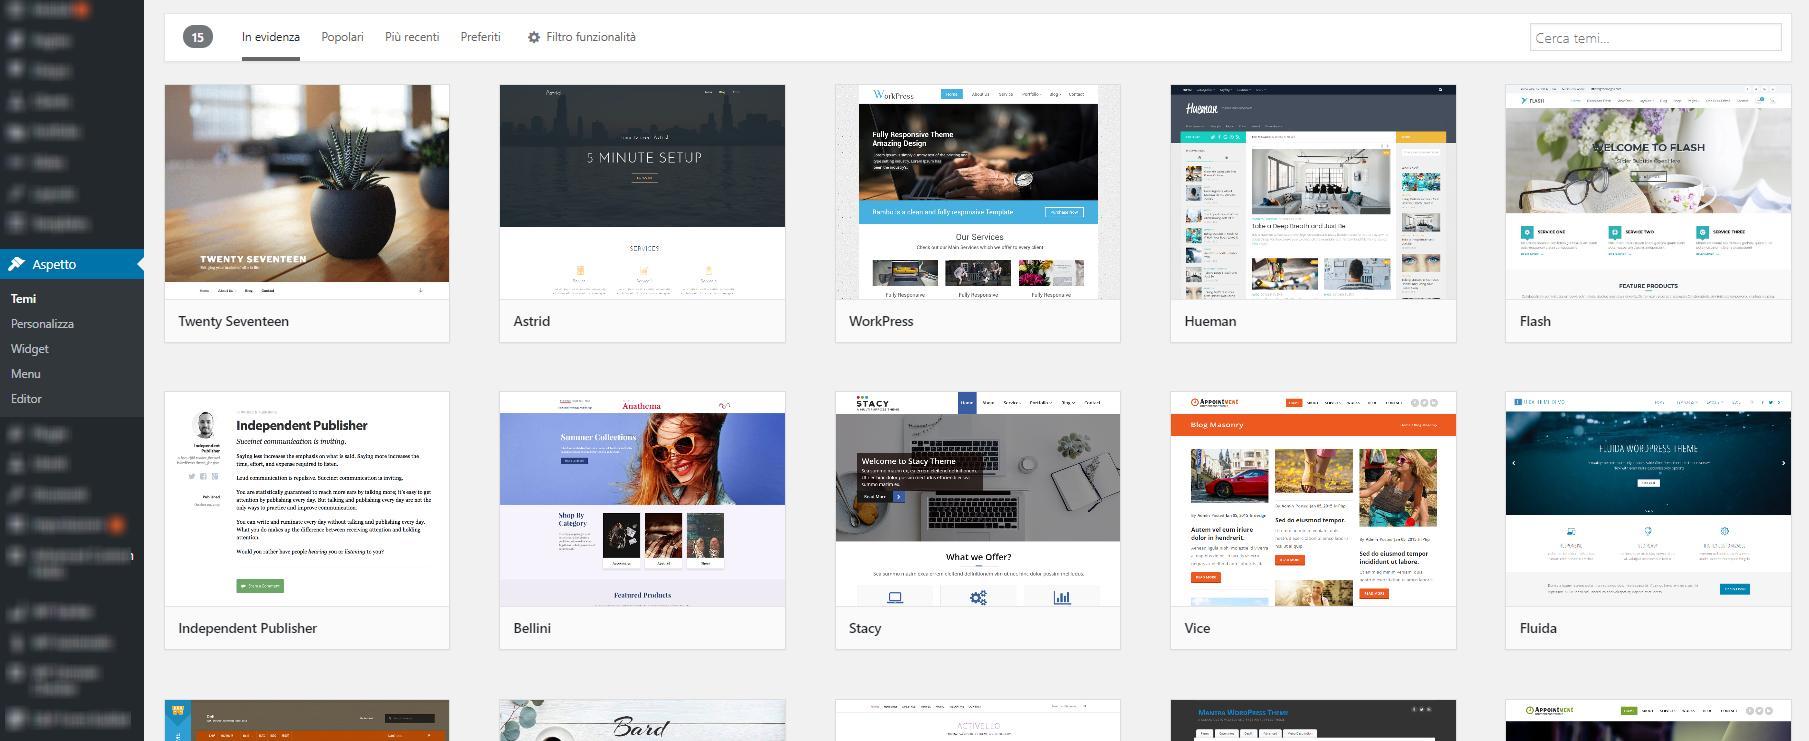 come scegliere un tema per wordpress - Come scegliere un tema per WordPress - Come scegliere un tema per WordPress